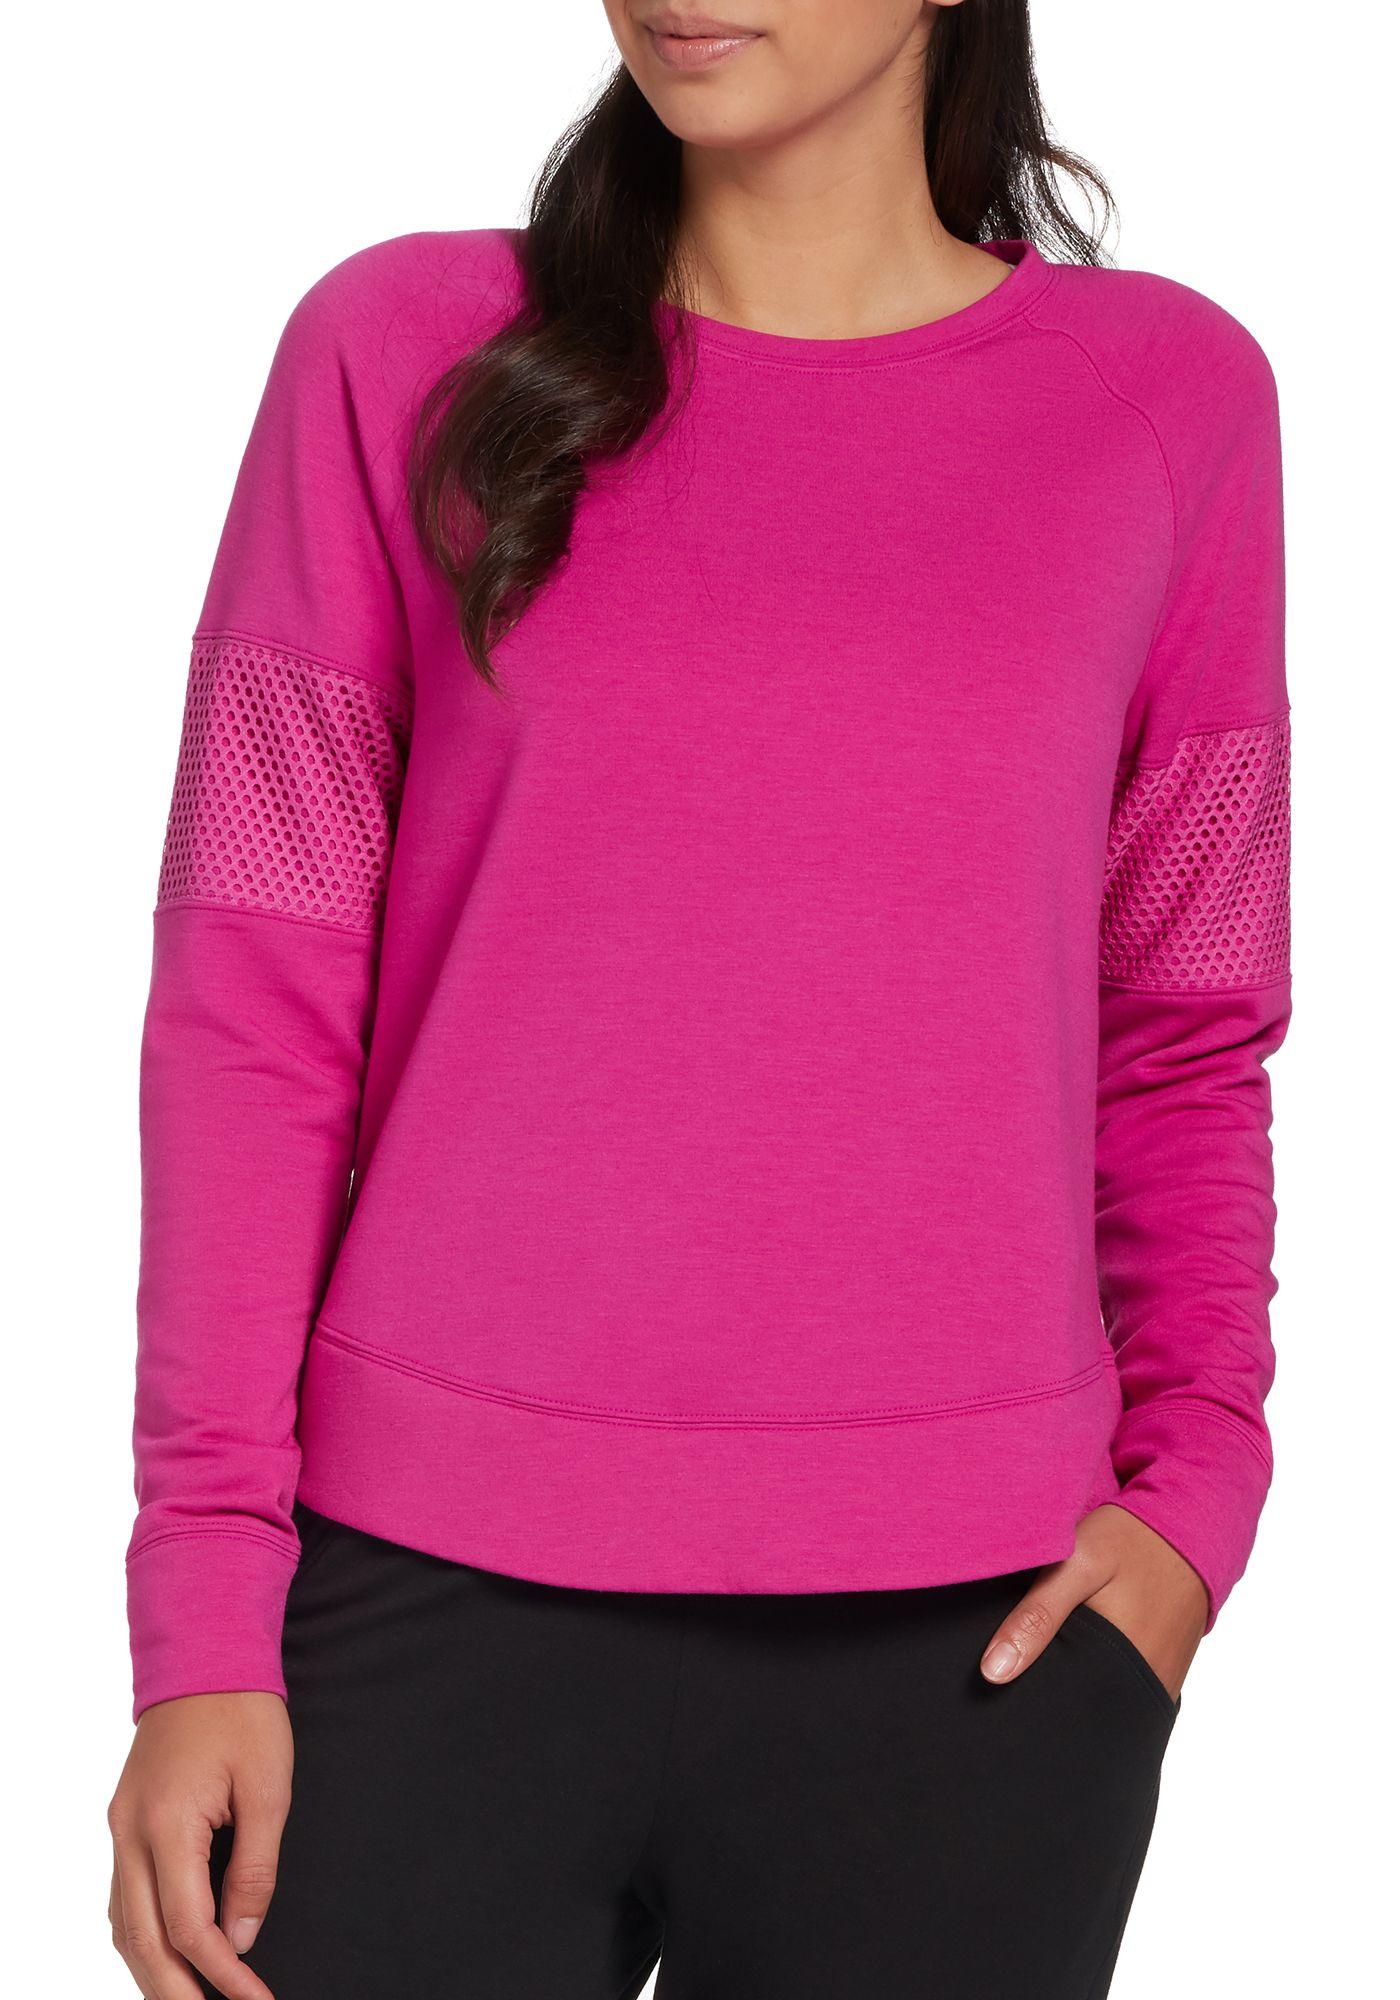 DSG Women's Fleece Crew Sweatshirt